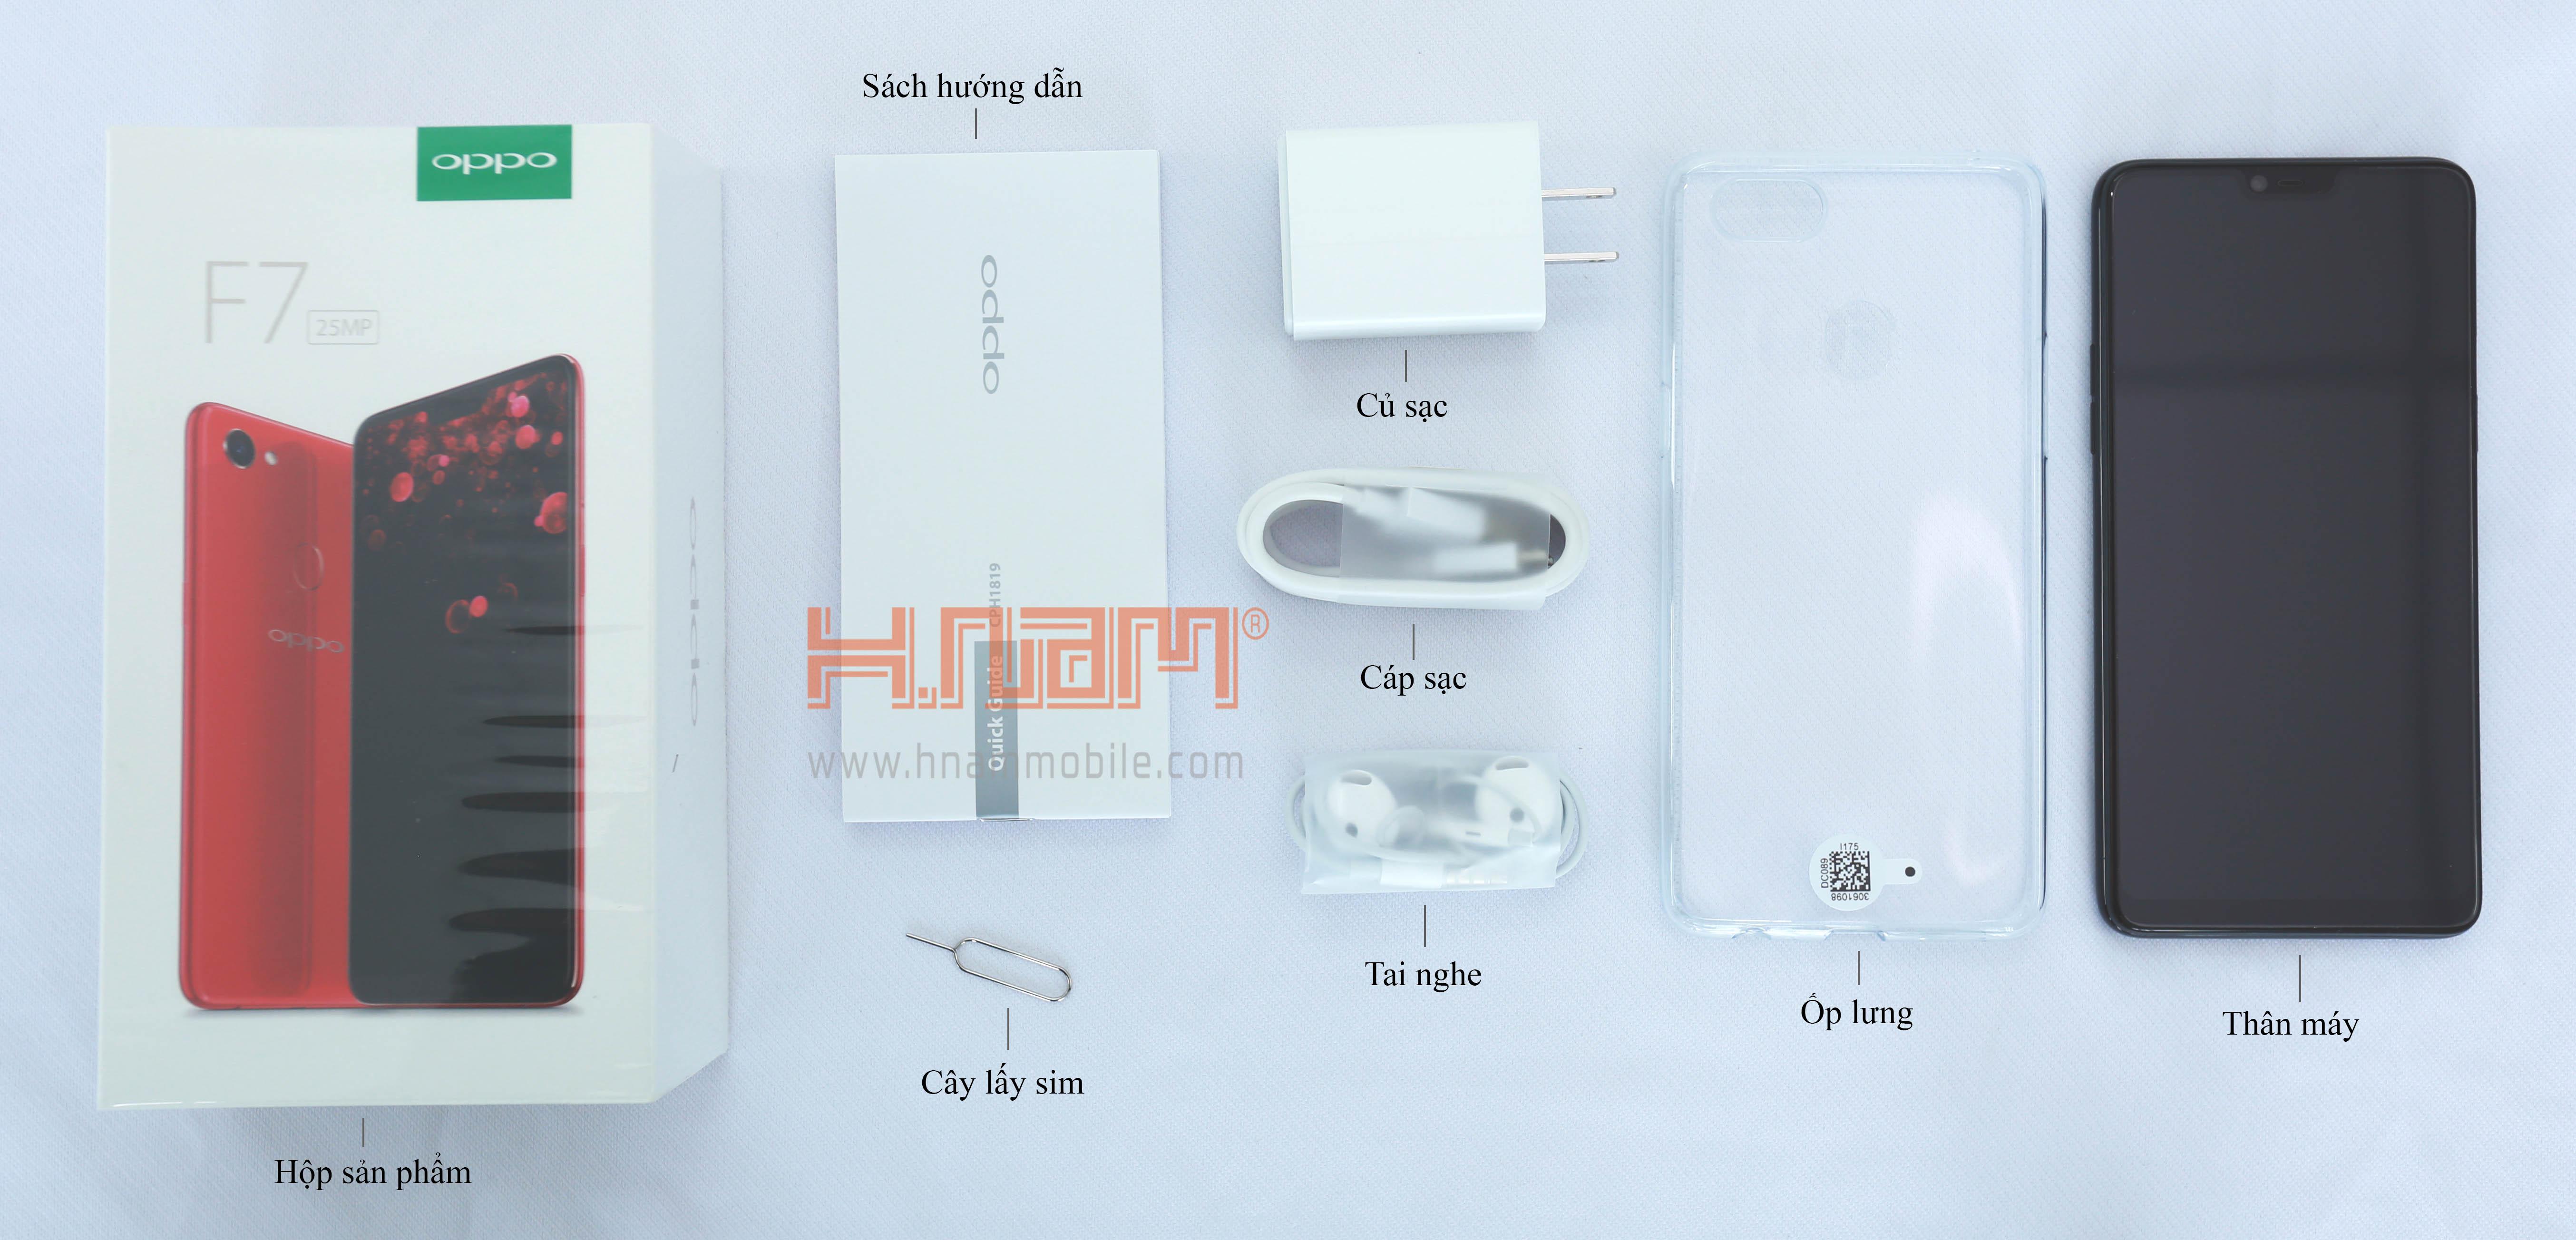 Oppo F7 128Gb hình sản phẩm 1